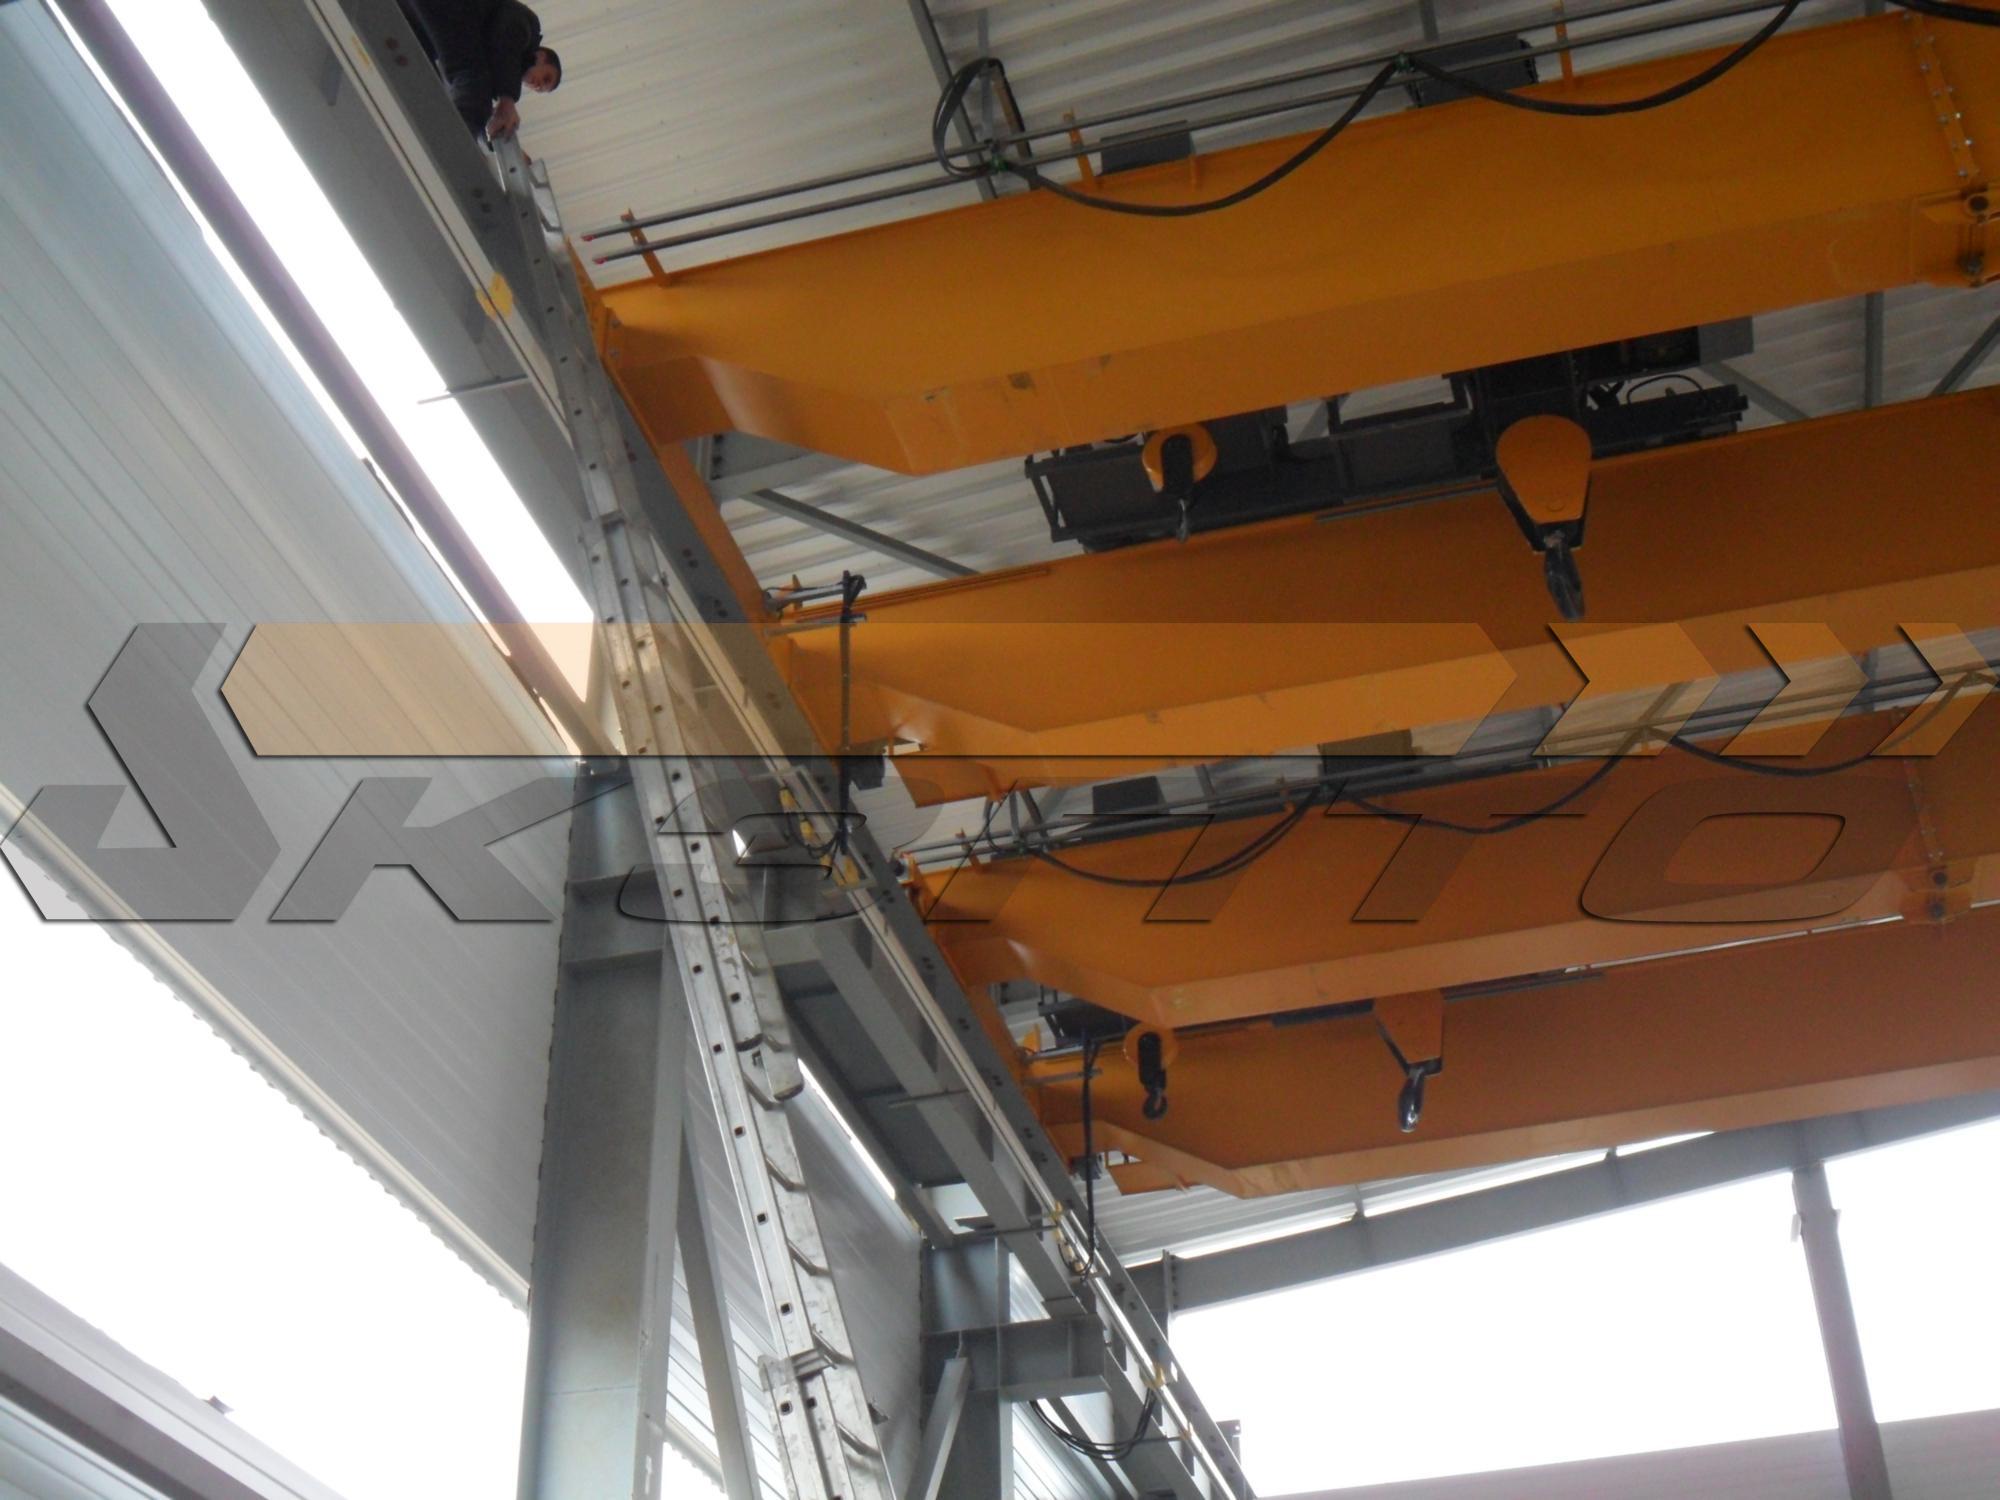 7-Краны мостовые двухбалочные КМ-16,0+5,0-16,5-10,010,0-A5 гп 16,0т + 5,0т